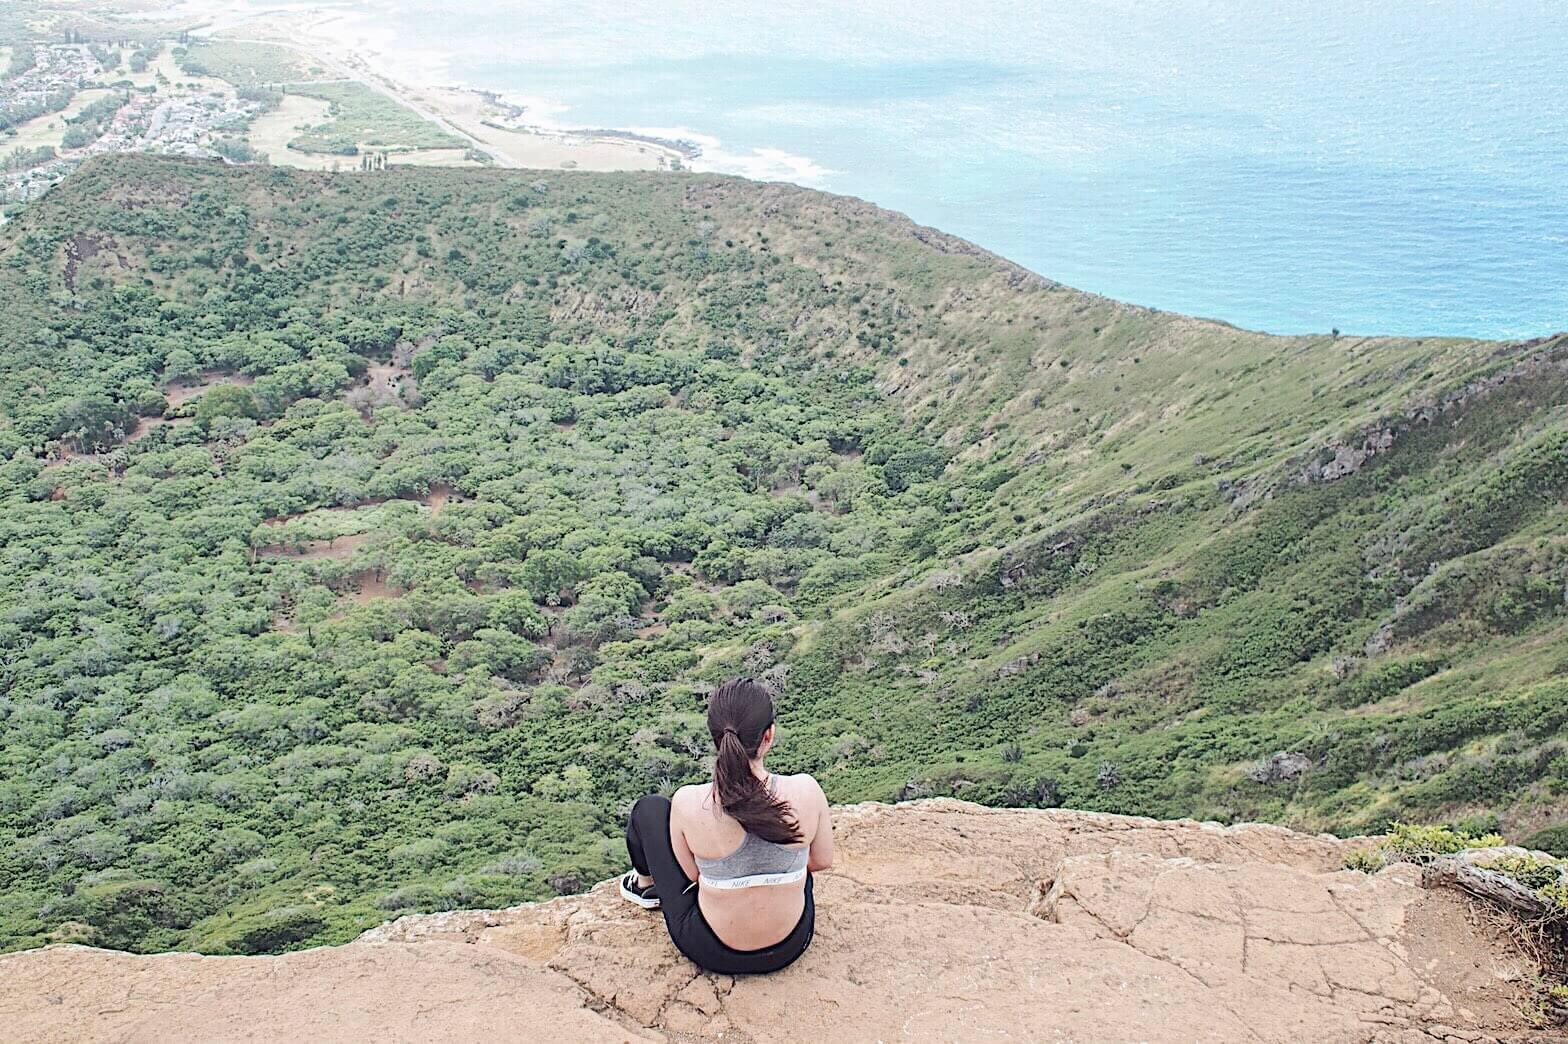 ハワイへの旅のイメージ画像